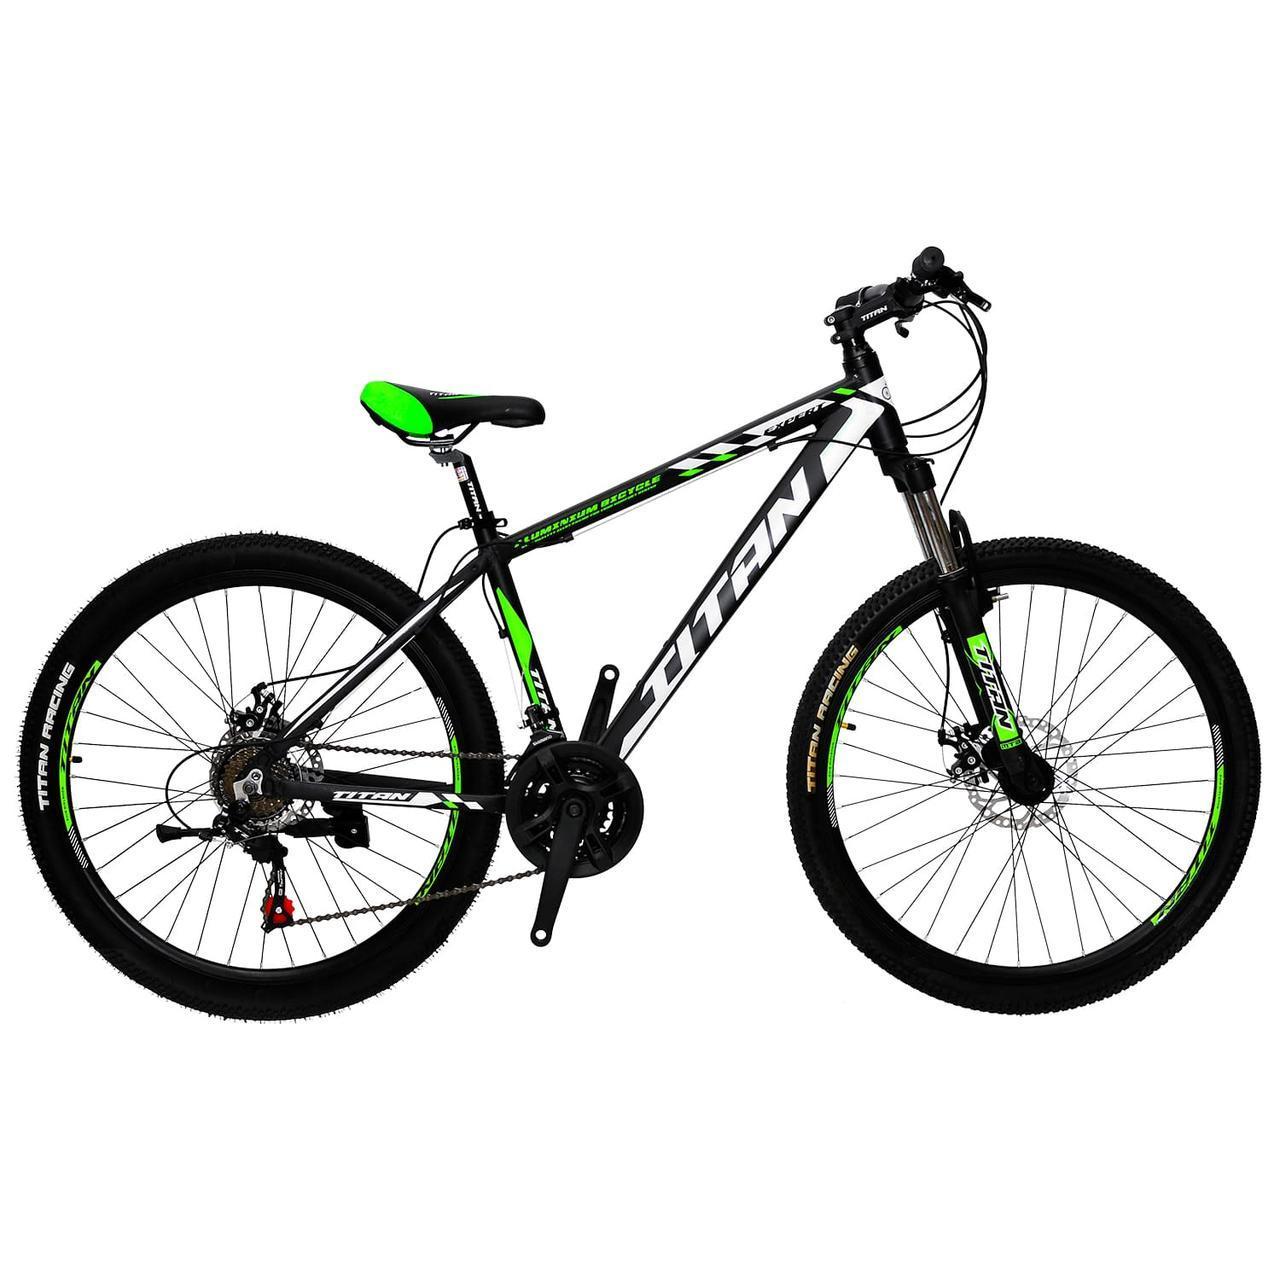 🚲Горный алюминиевый велосипед TITAN EXPERT DD (Shimano, моноблок, Lockout); рама 16; колеса 26